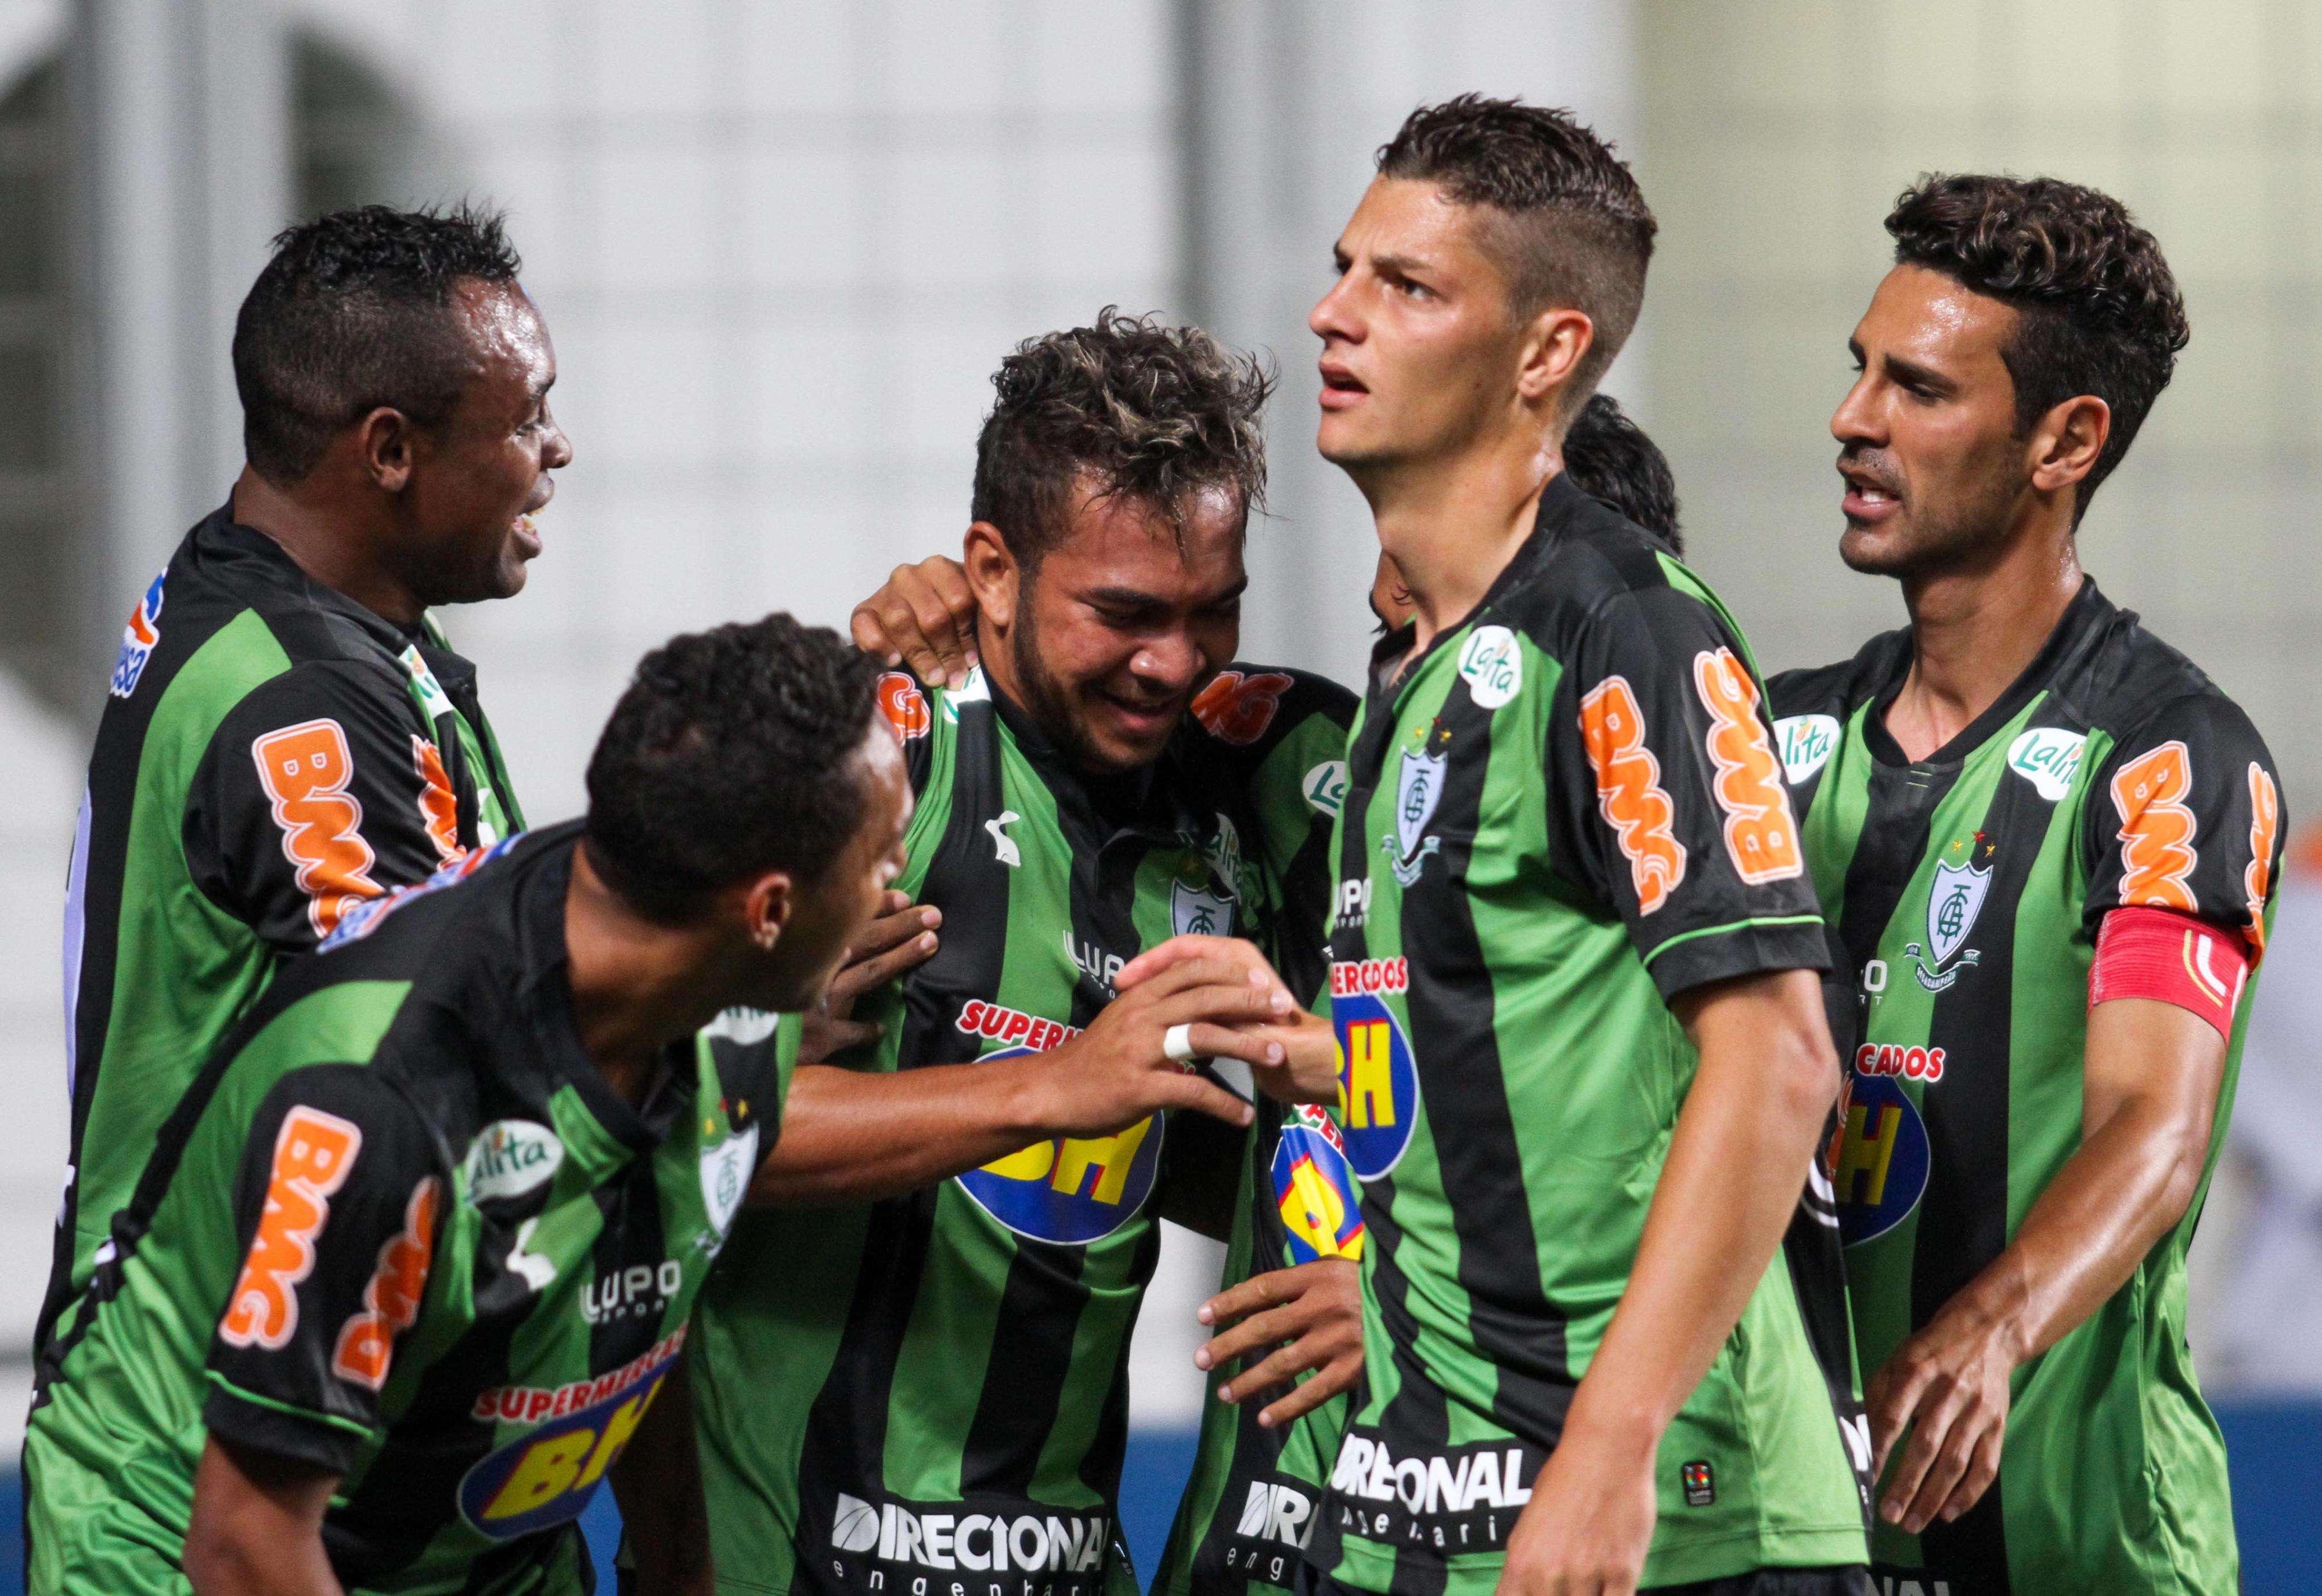 América-MG consegue vitória importante no Independência Foto: Gil Leonardi/Agência Lance